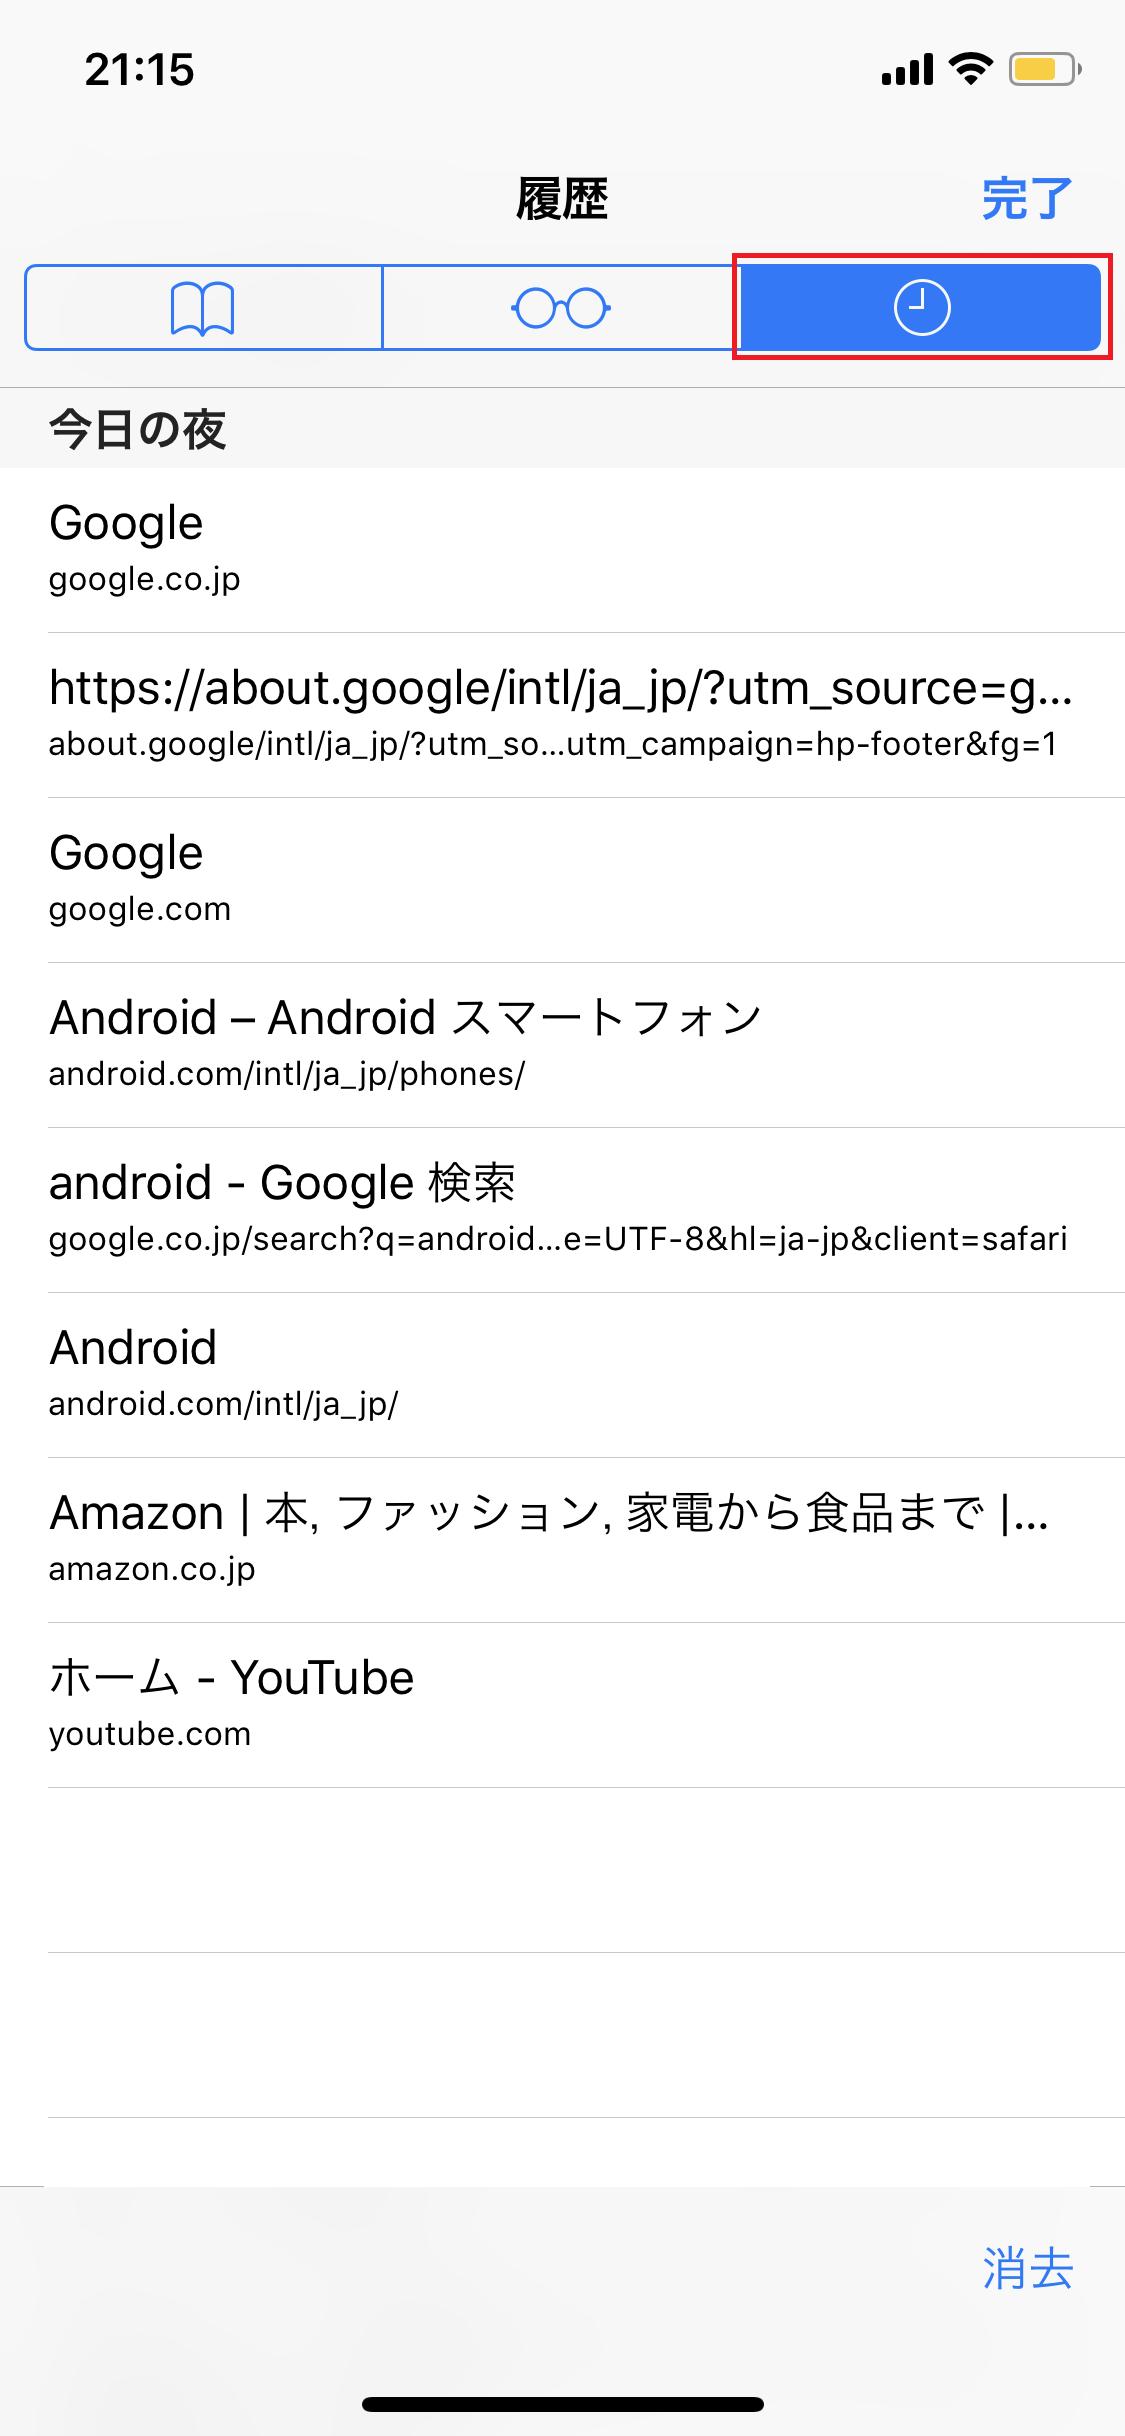 一番右にある時計マークを押下すると、検索履歴が表示されます